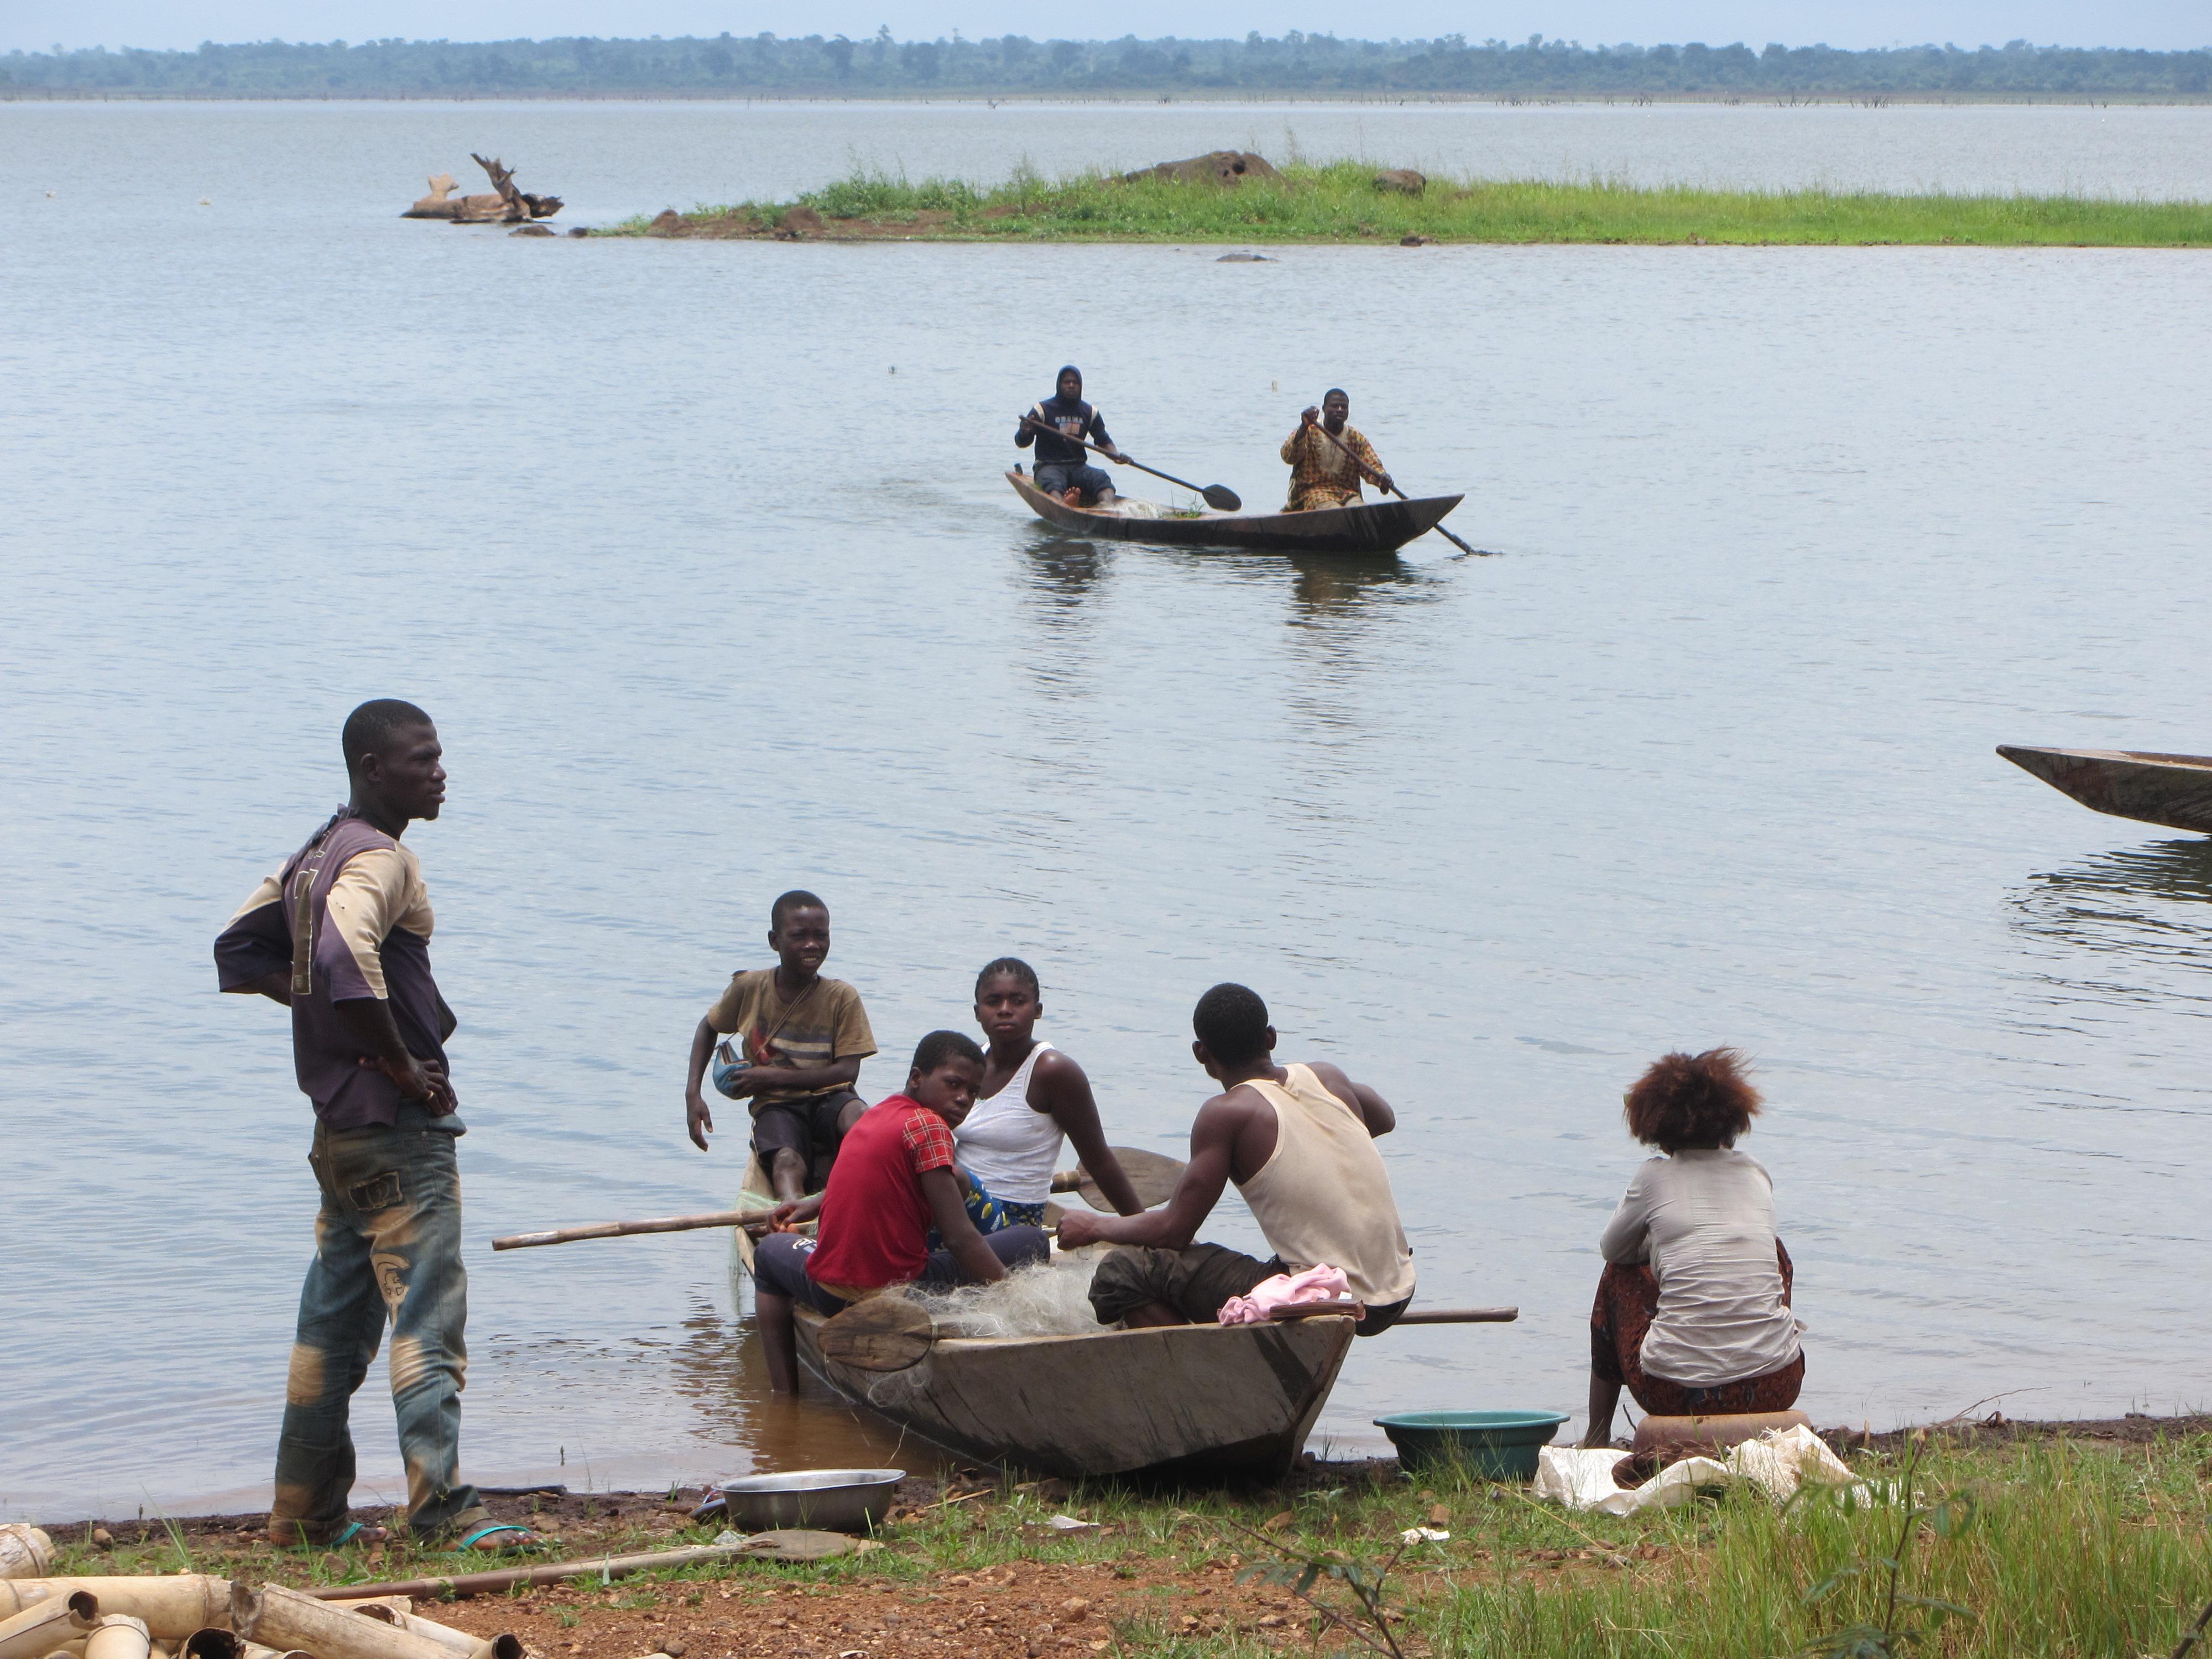 Un grup de gent jove preparant-se per pescar